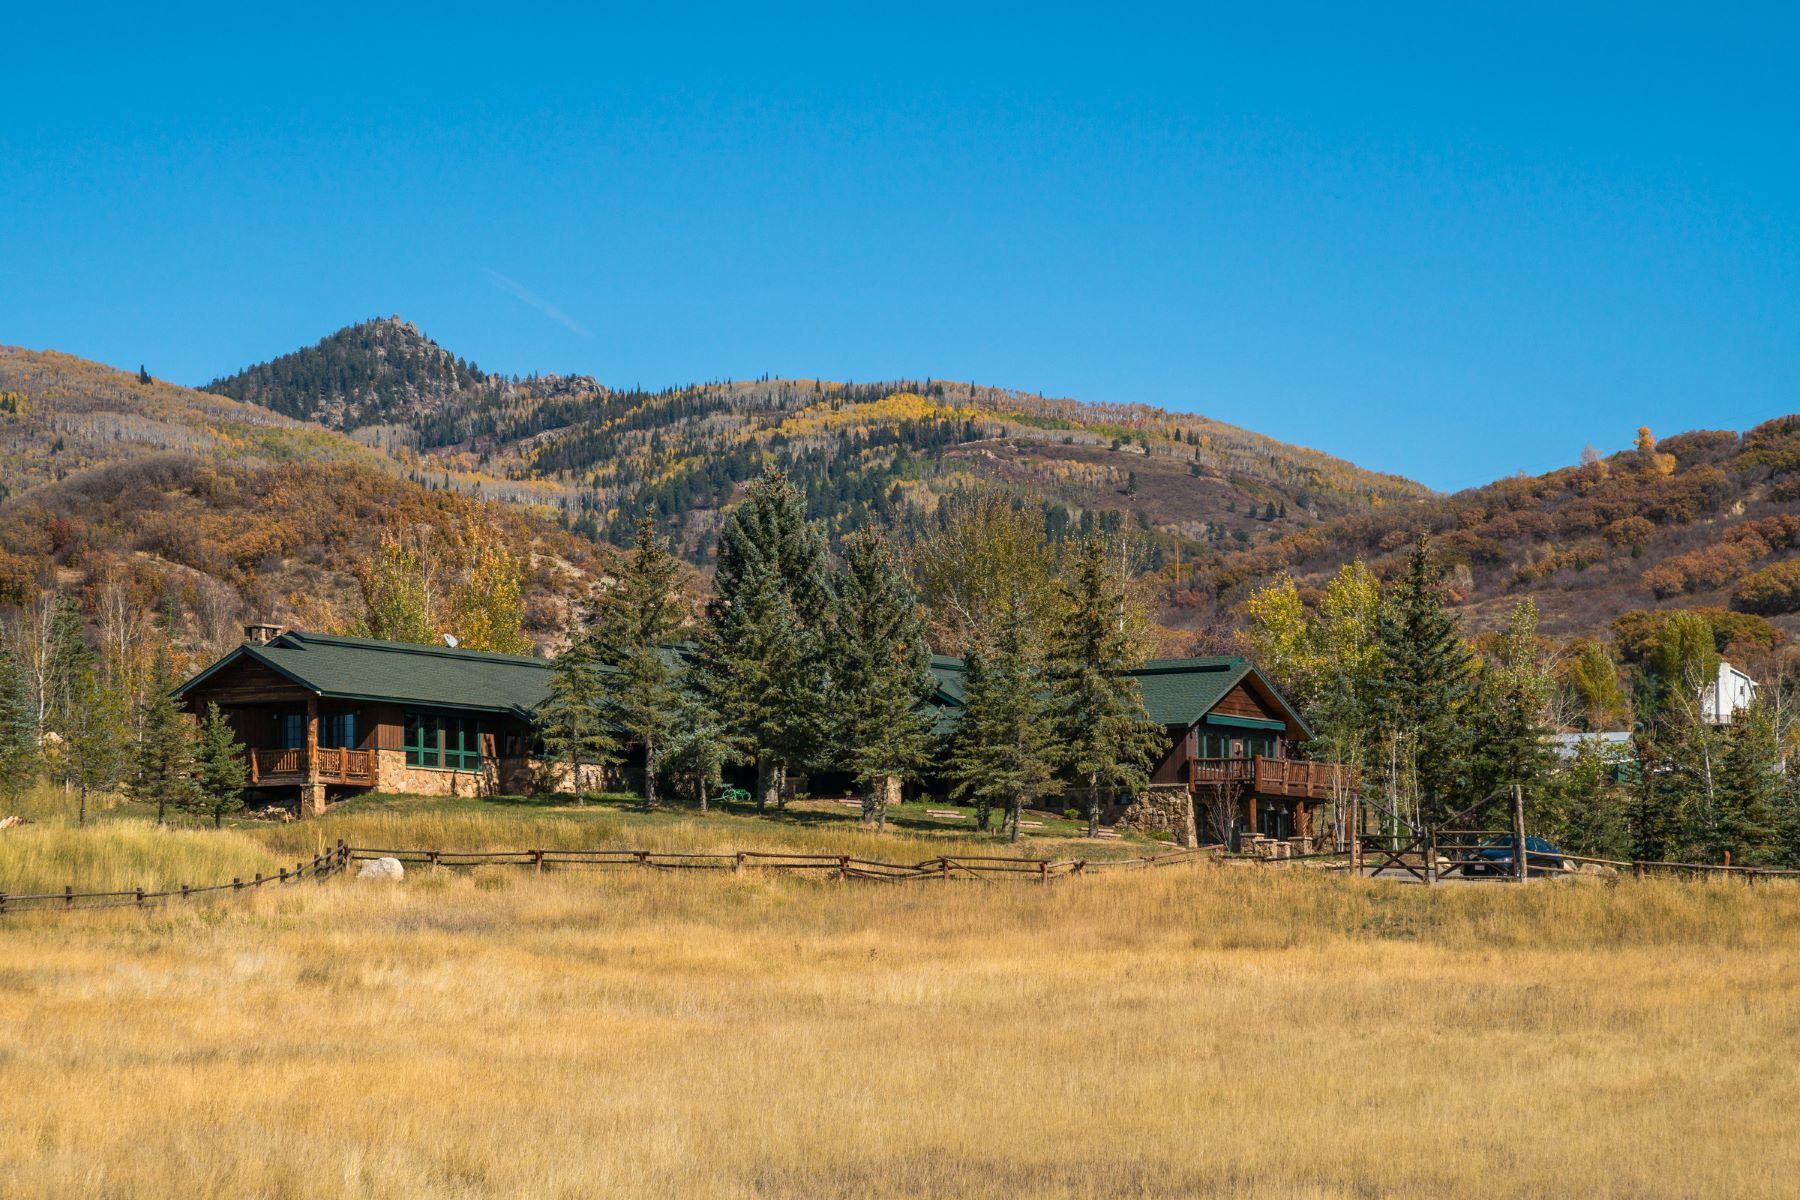 Ferme / Ranch / Plantation pour l Vente à Lazy O Ranch 43500 County Road 129 Steamboat Springs, Colorado, 80487 États-Unis